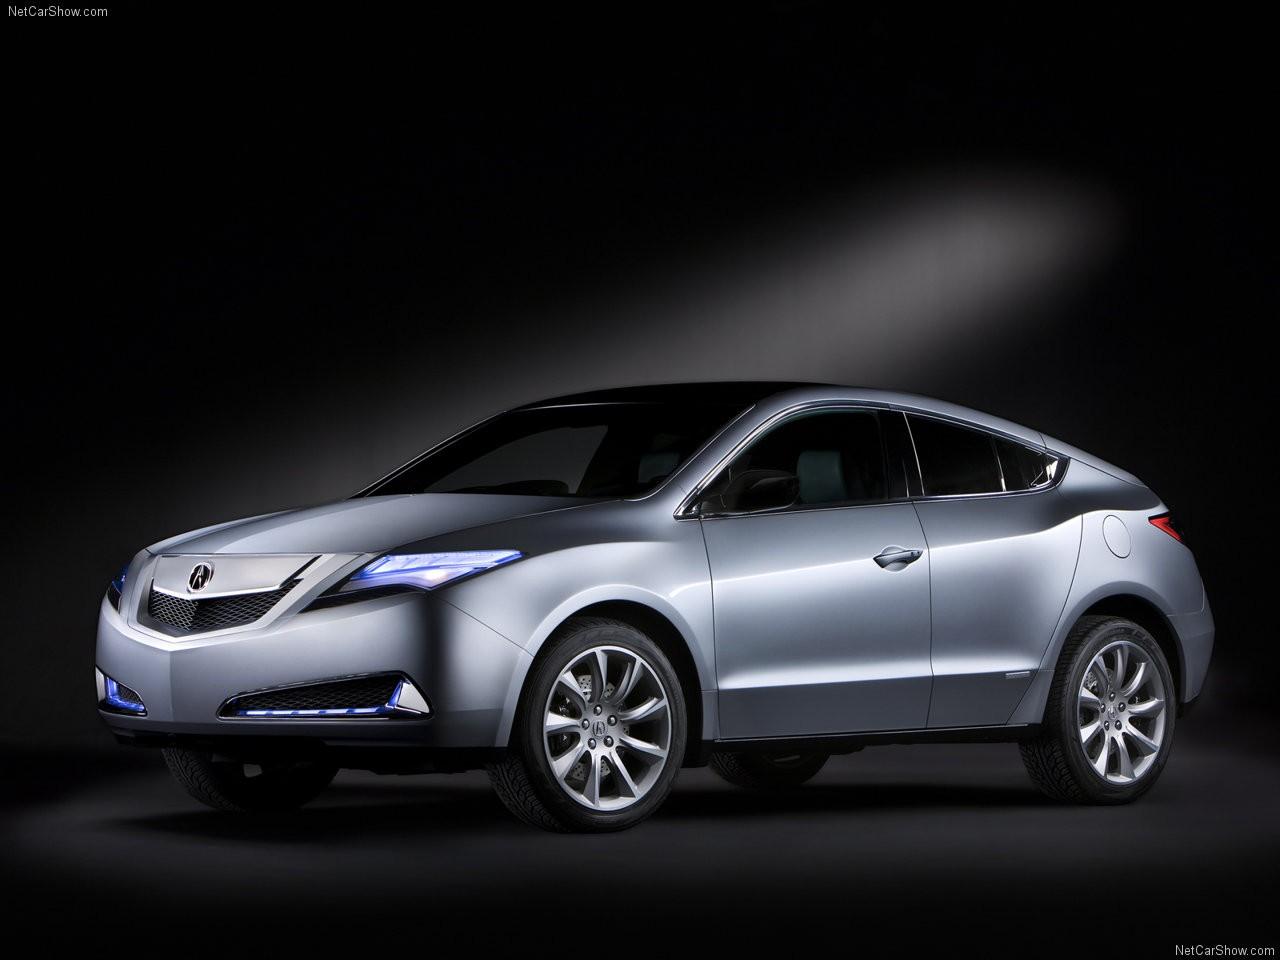 2009 Acura ZDX Concept